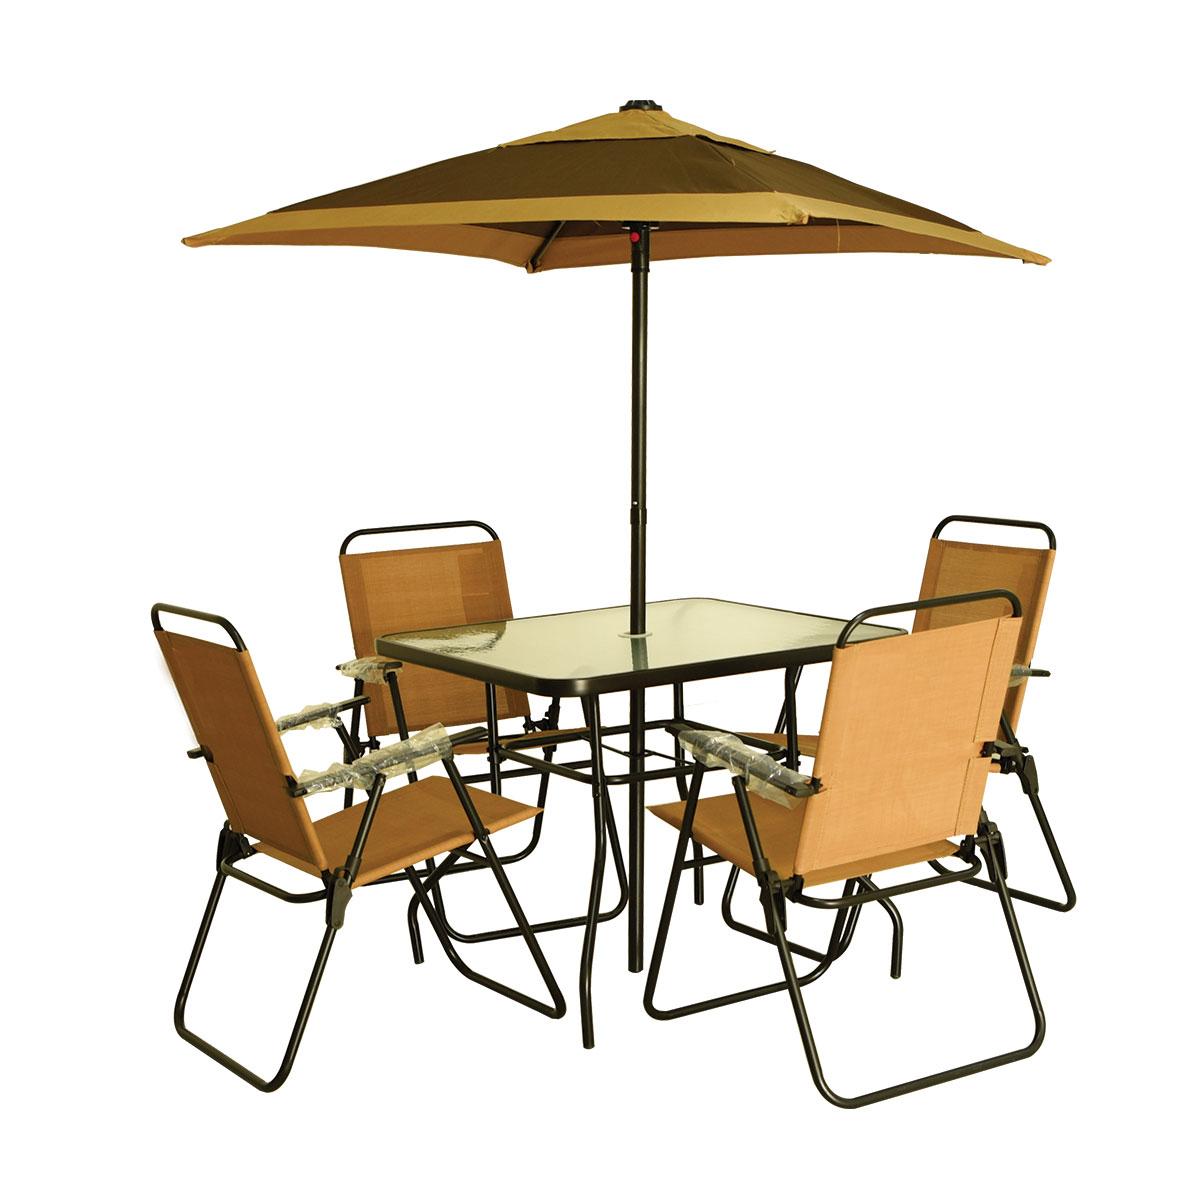 طقم طاولة جلسات خارجية مع 4 كرسي ومظله رقم 501270